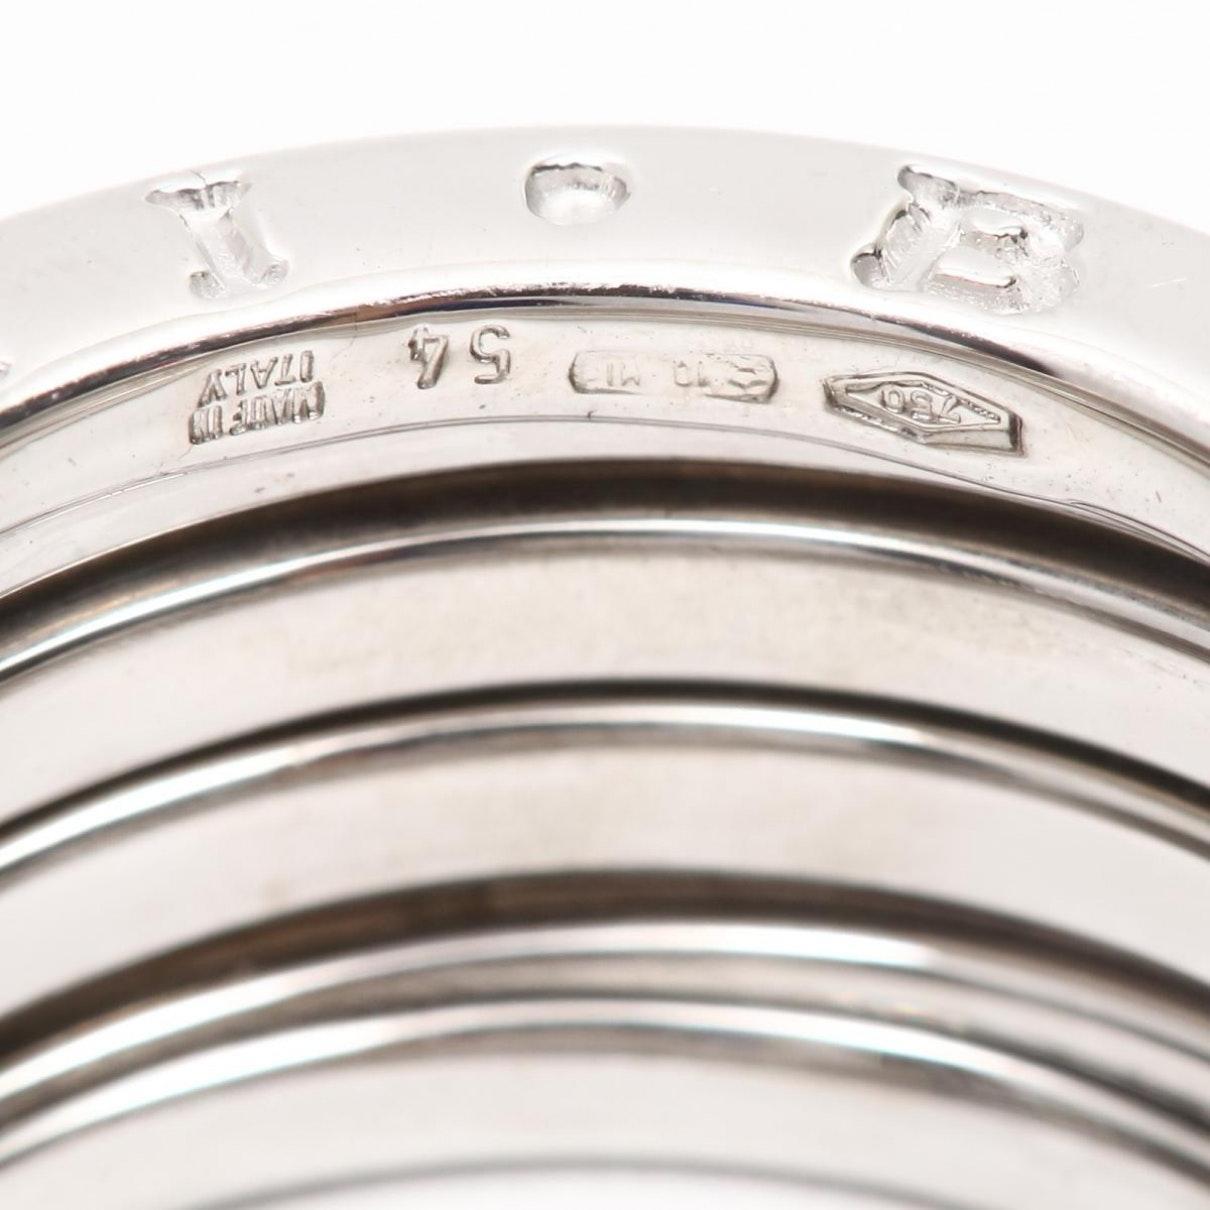 Anello in oro bianco argentato B.Zero1 di BVLGARI